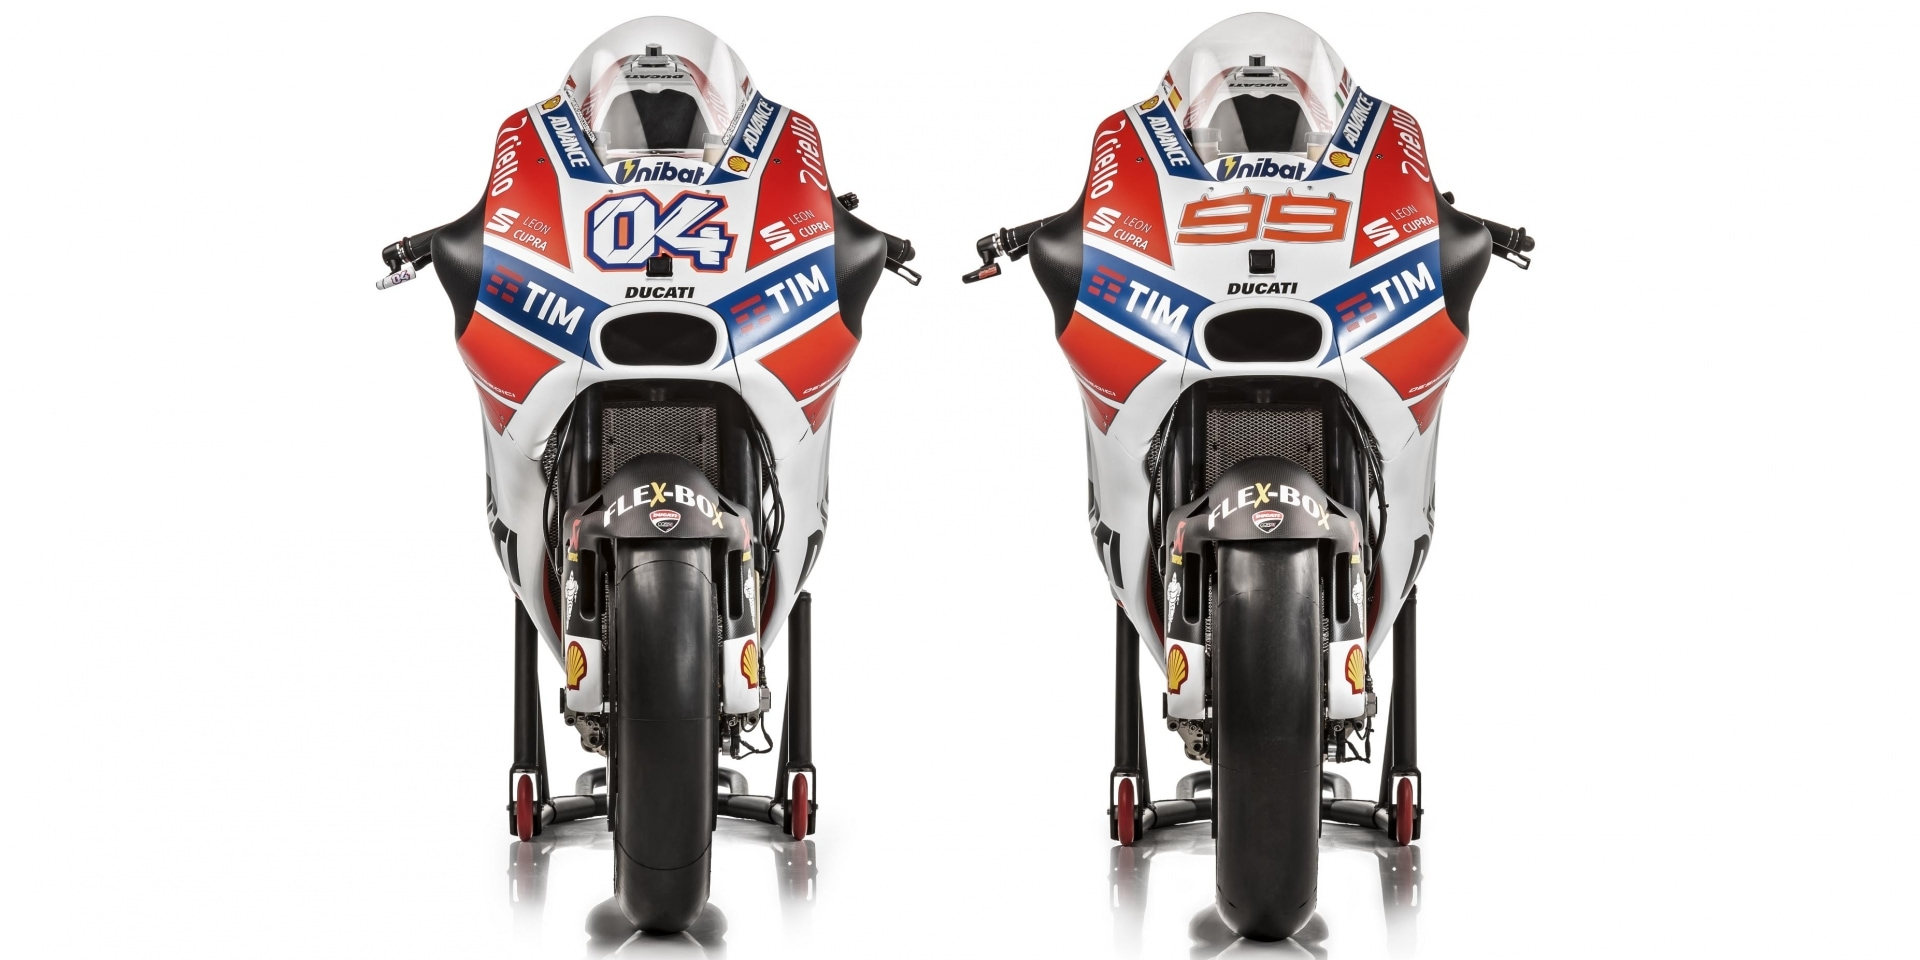 官方新聞稿。Ducati Team Experience 門市預約試乘抽獎活動